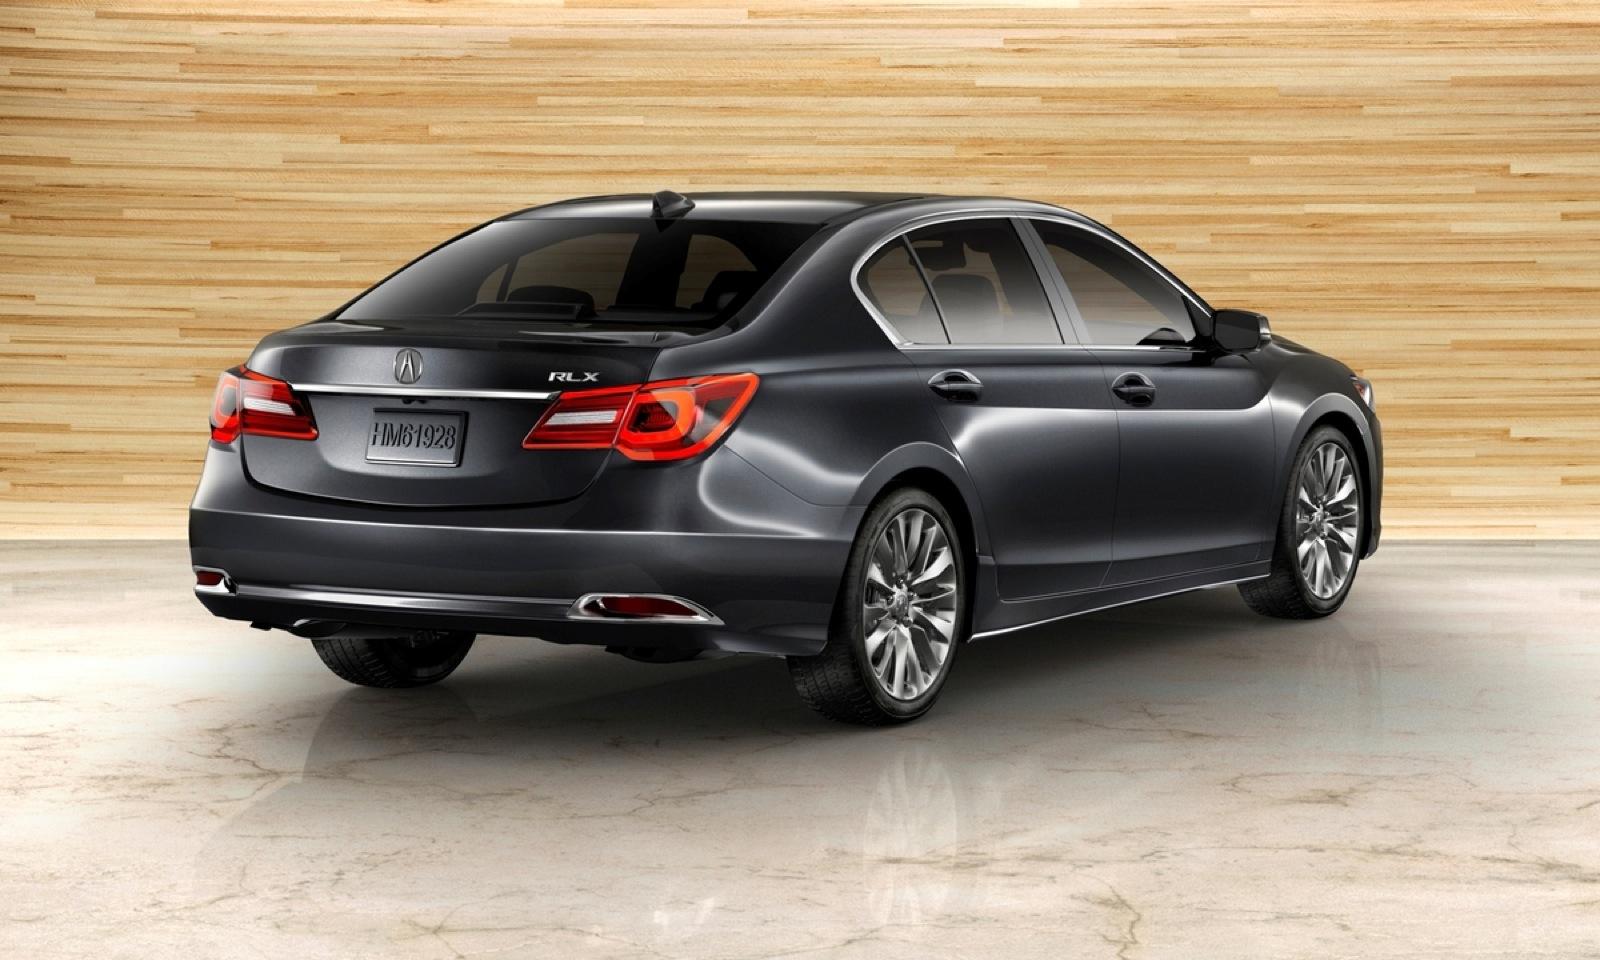 """بالفيديو والصور .. سيارة اكيورا 2014"""" Acura RLX"""" .. انسيابية وأداء سريع 2014-acura-rlx_100410662_h"""